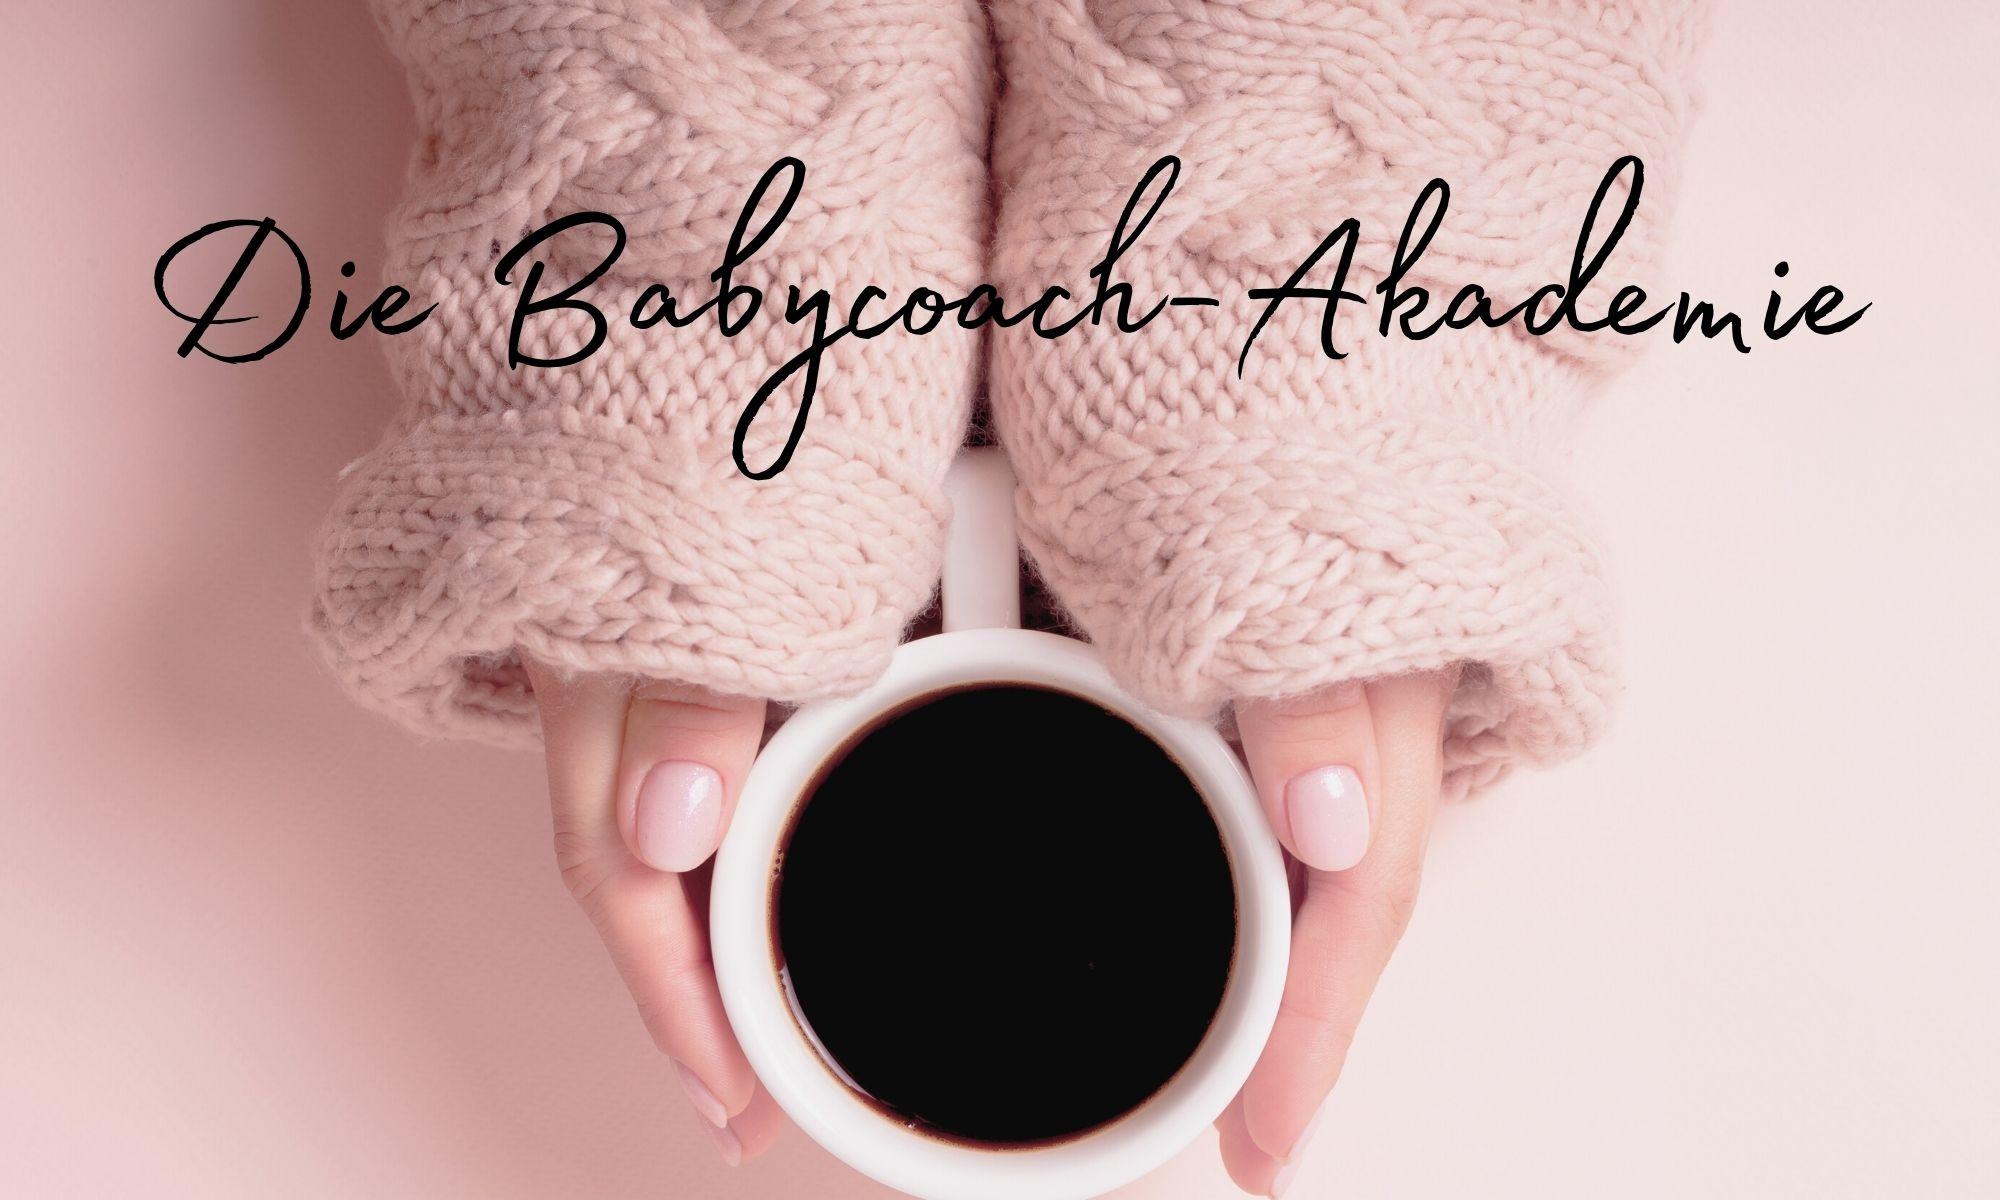 Logo Die Babycoach-Akademie Mobil